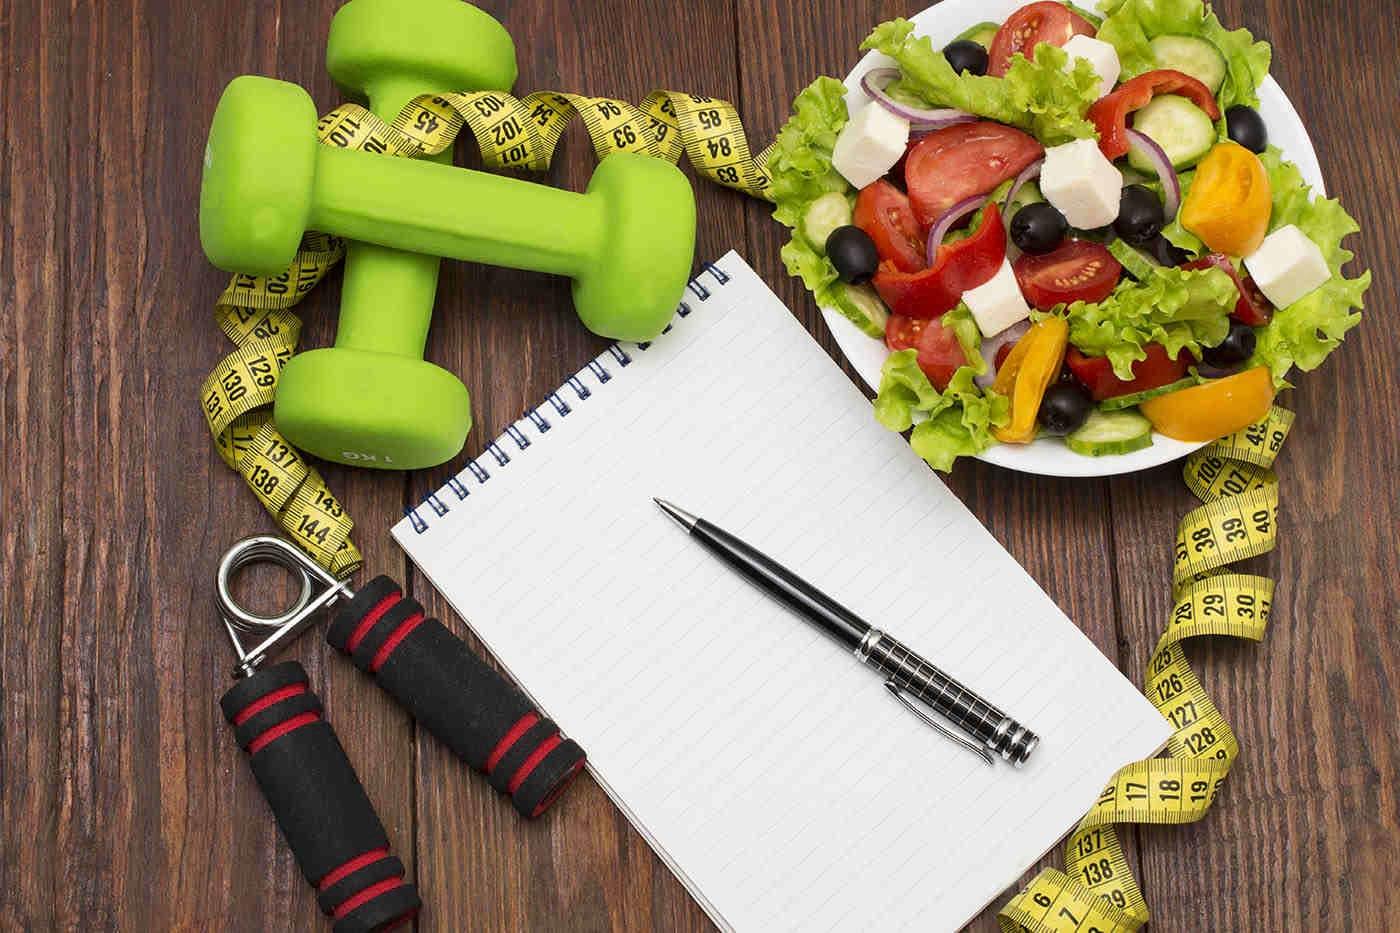 Dieta pentru diabet scade și tensiunea arterială mărită (studiu)